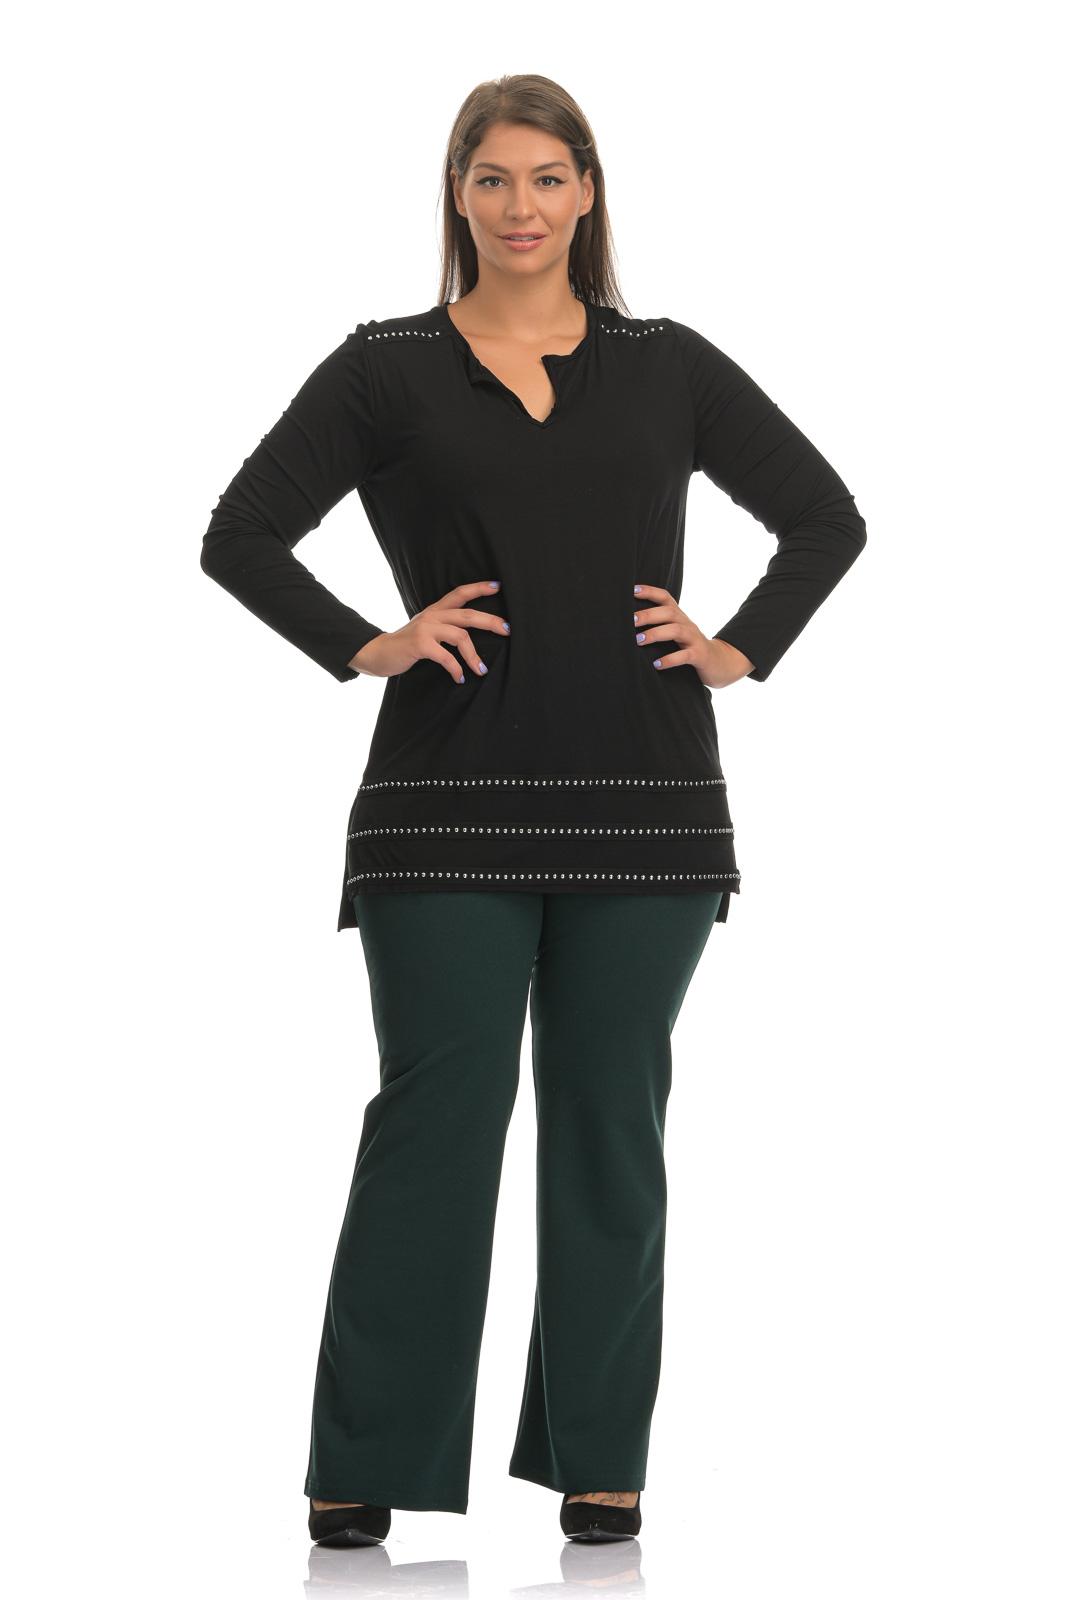 Παντελόνα κρεπ κυπαρισσί σε ίσια γραμμή με λάστιχο στη μέση και κουμπιά